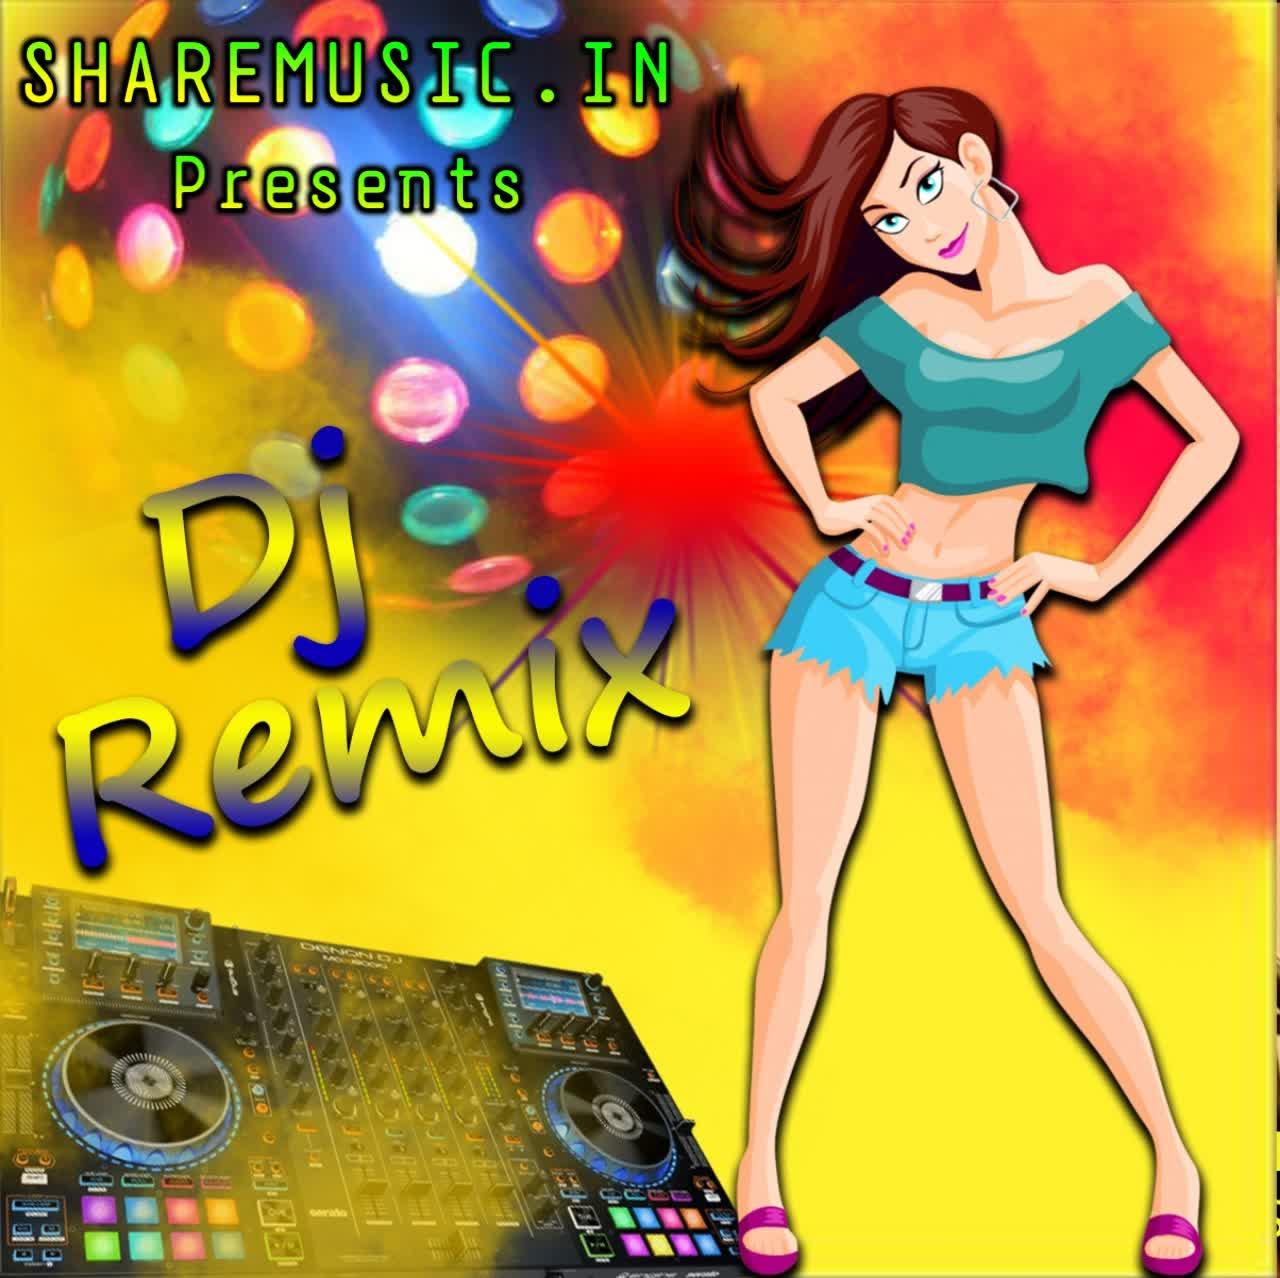 Chu Chu Chu (Remix) DJ AR OFFICIAL (ABHINASH RAJ) BBSR